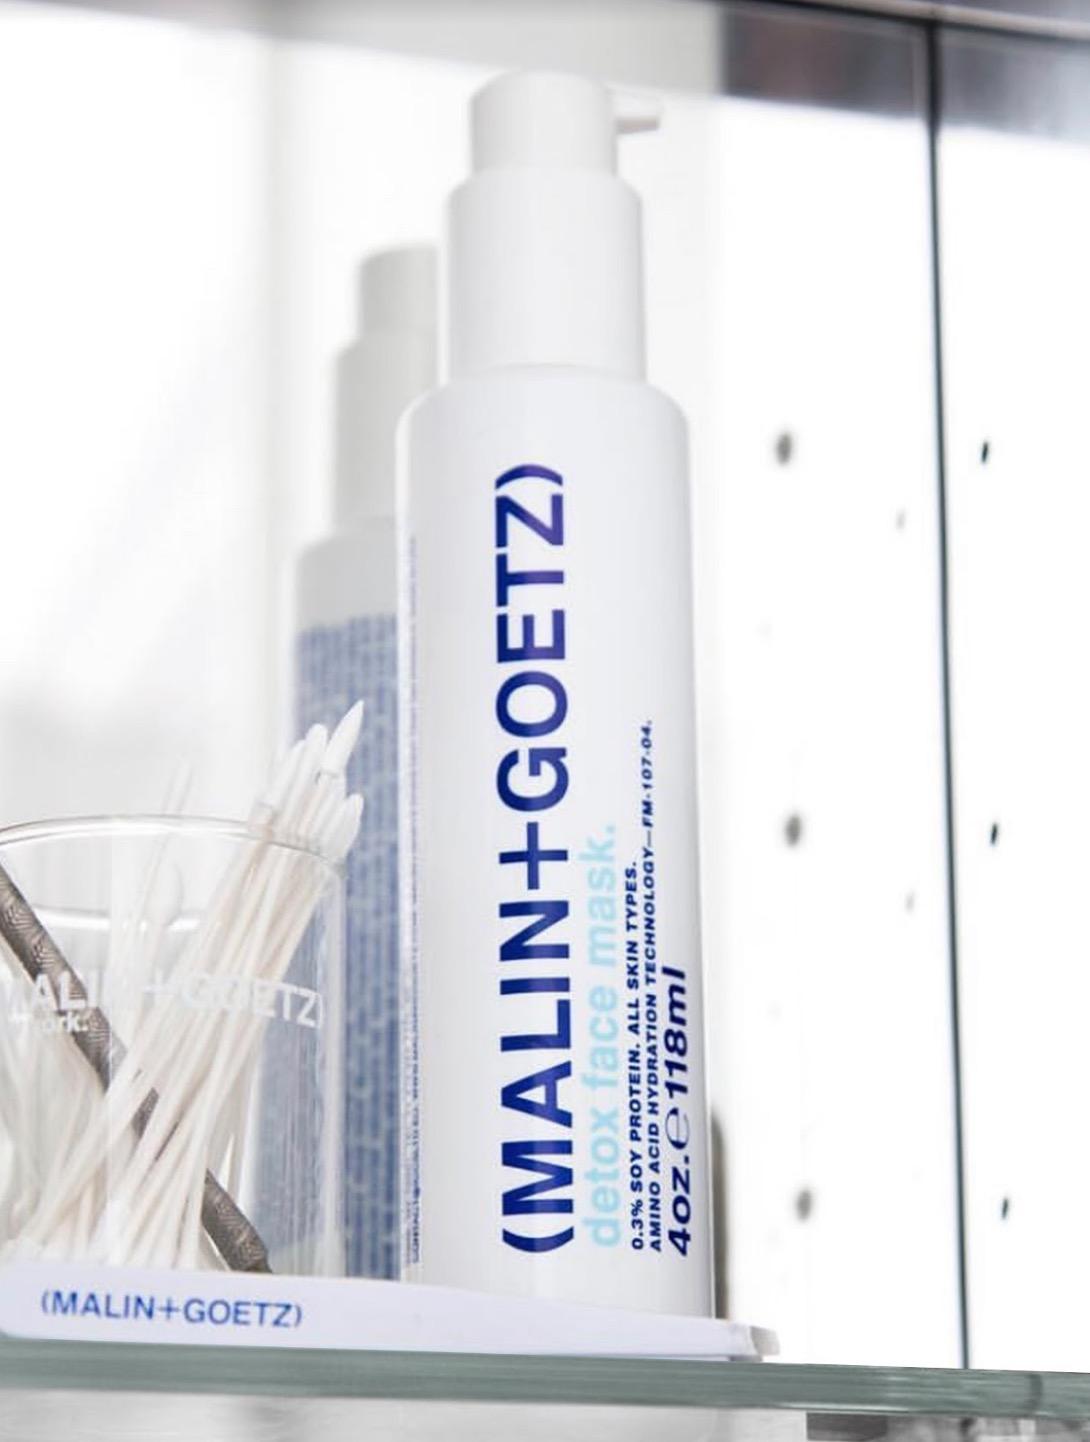 懶人快速保養首選,也可做為急救型面膜使用。高科技白色泡泡在吸附毛孔髒污的同時,還能釋放保養成份,提升肌膚保水度。含創新的潔面成份,清潔毛孔,並有效去除污垢、油脂和彩妝。保養前使用,可取代洗面乳步驟,5分鐘即可打造清新明亮的好氣色。